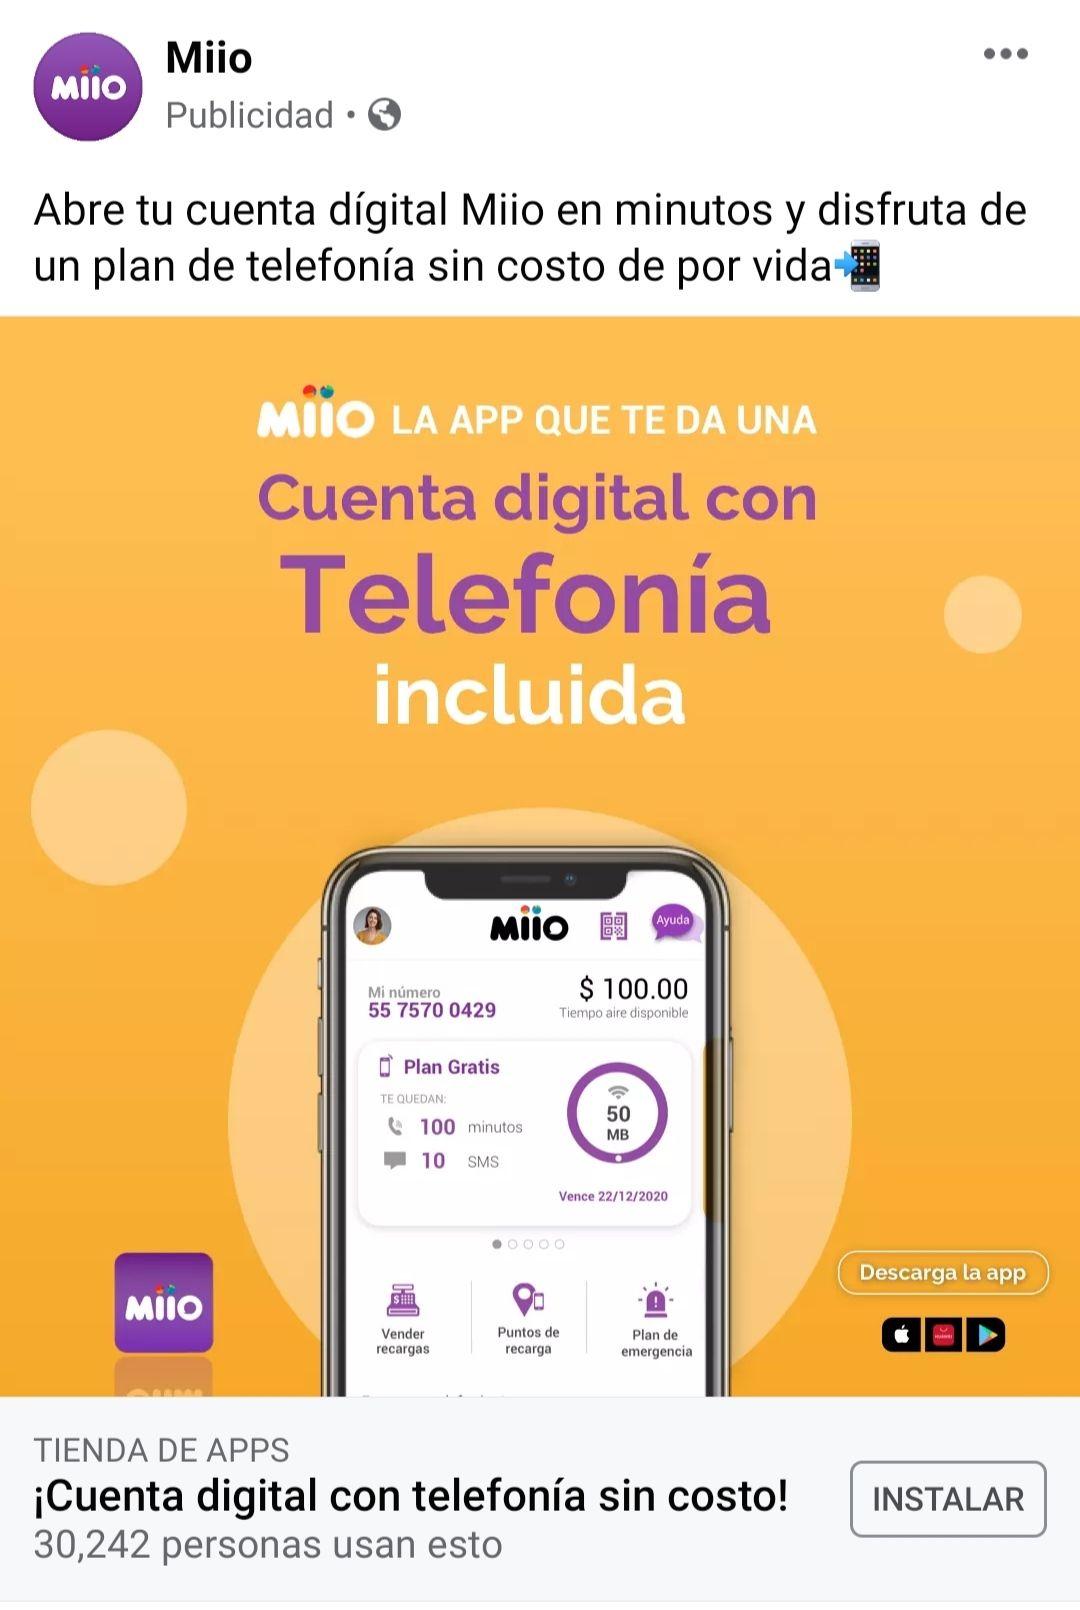 Miio: Telefonía gratuita que se renueva semanalmente